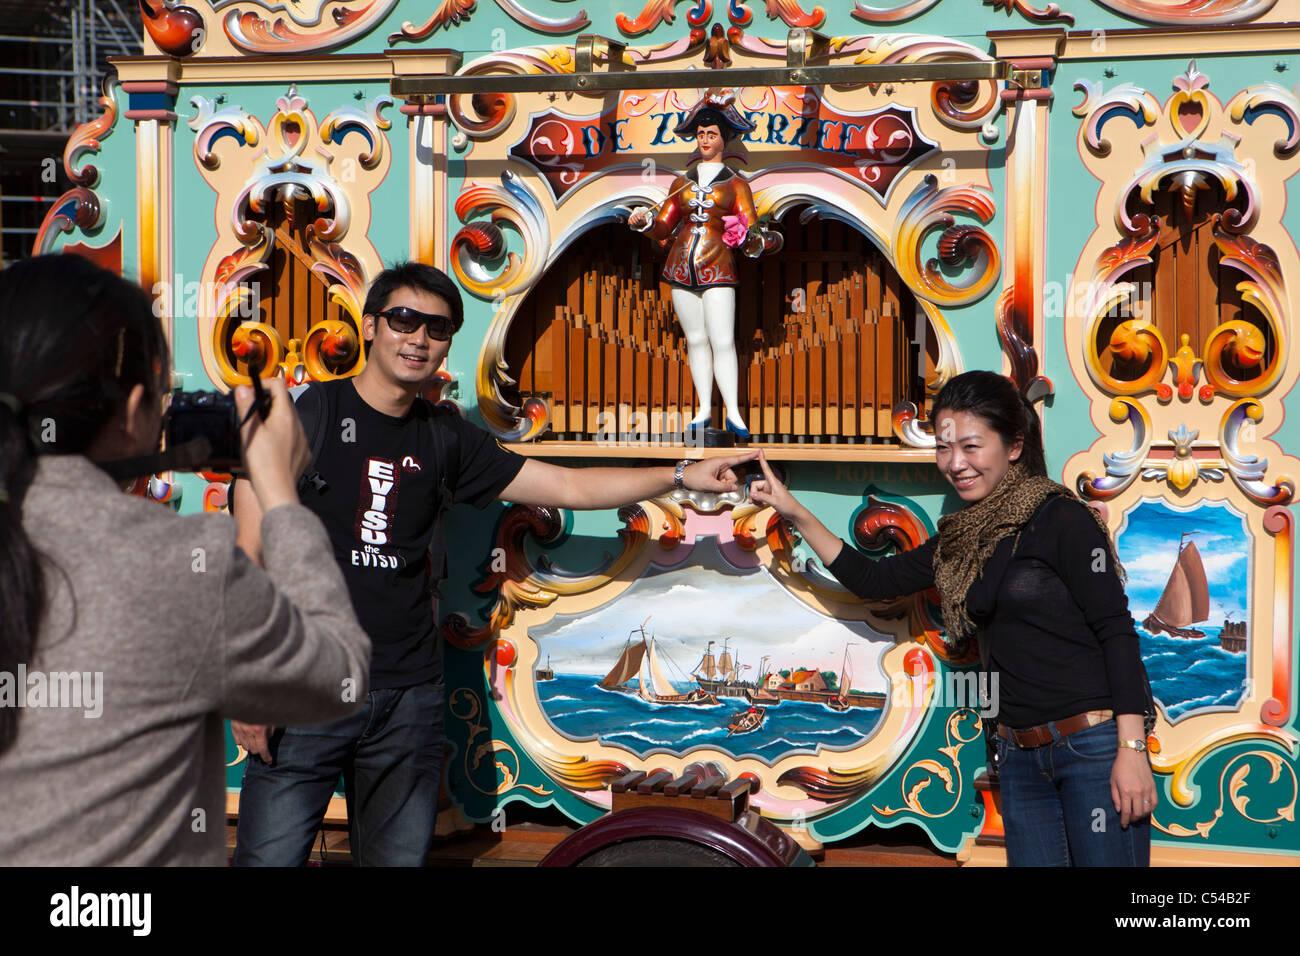 Los Países Bajos, Amsterdam, el desfile anual de órganos de la calle en la Plaza Dam. Los turistas asiáticos, Imagen De Stock